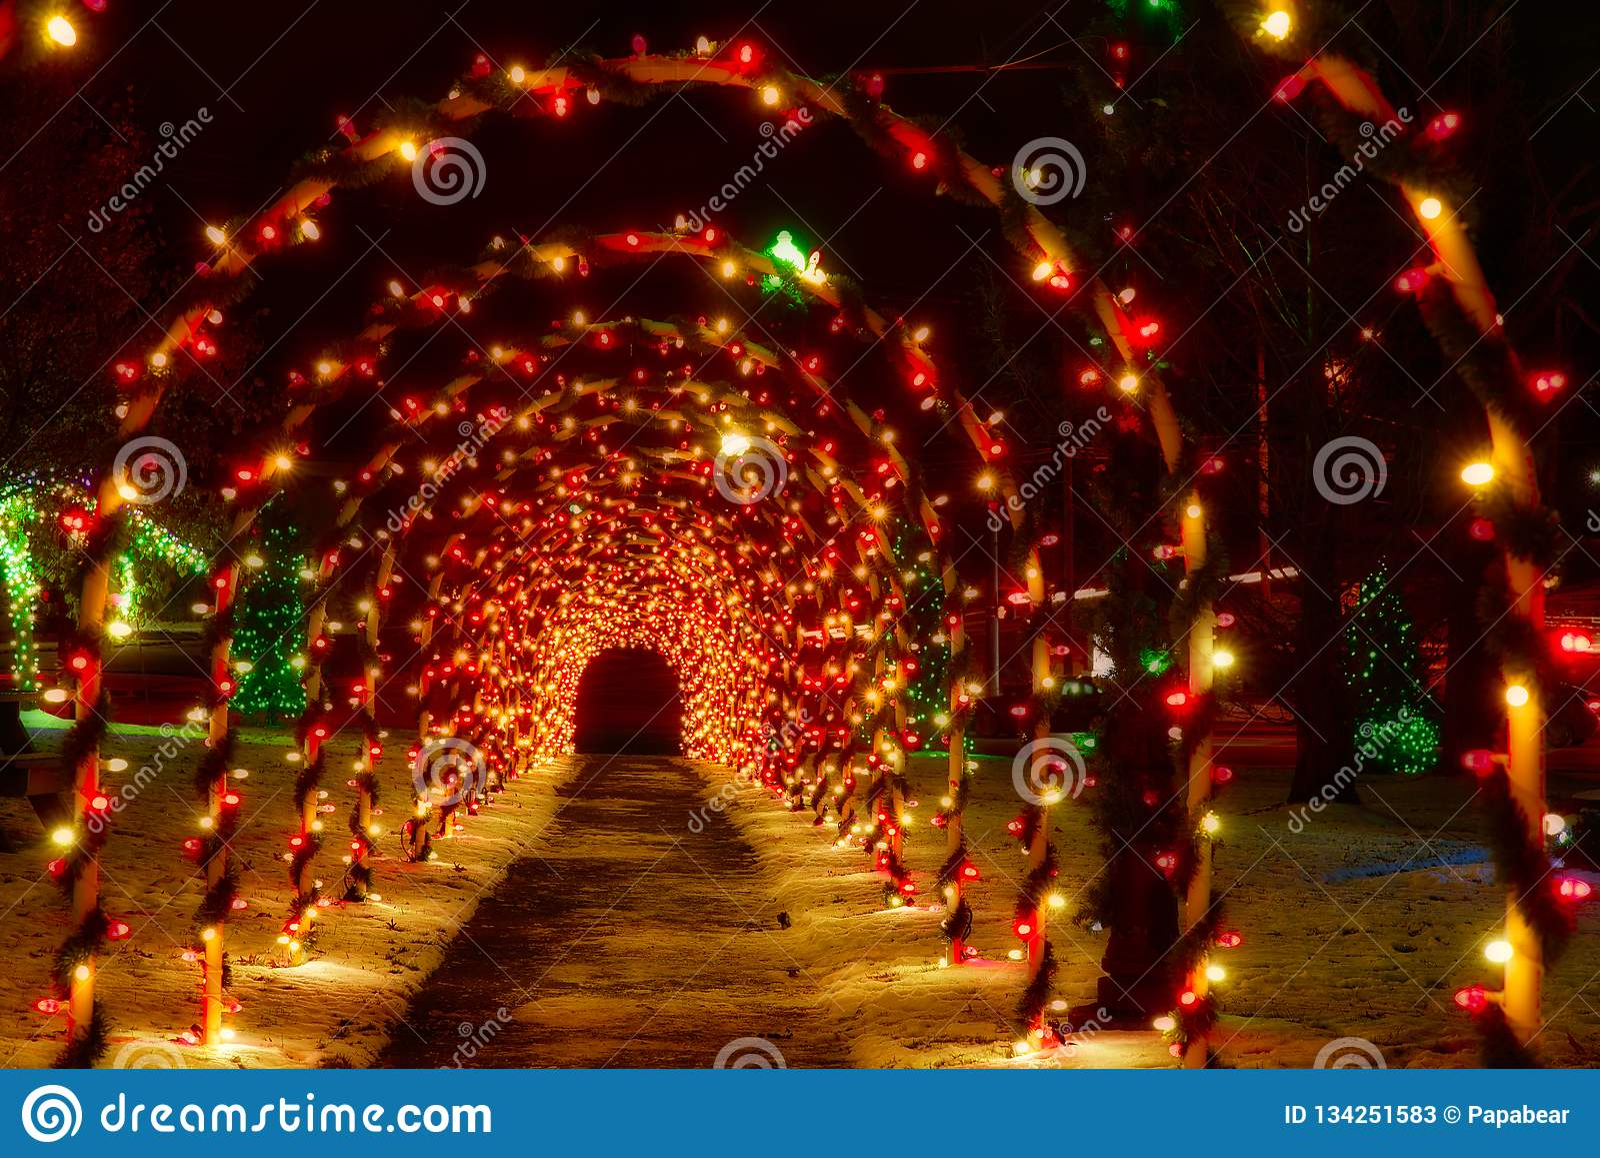 Tunnel von Weihnachtsbögen